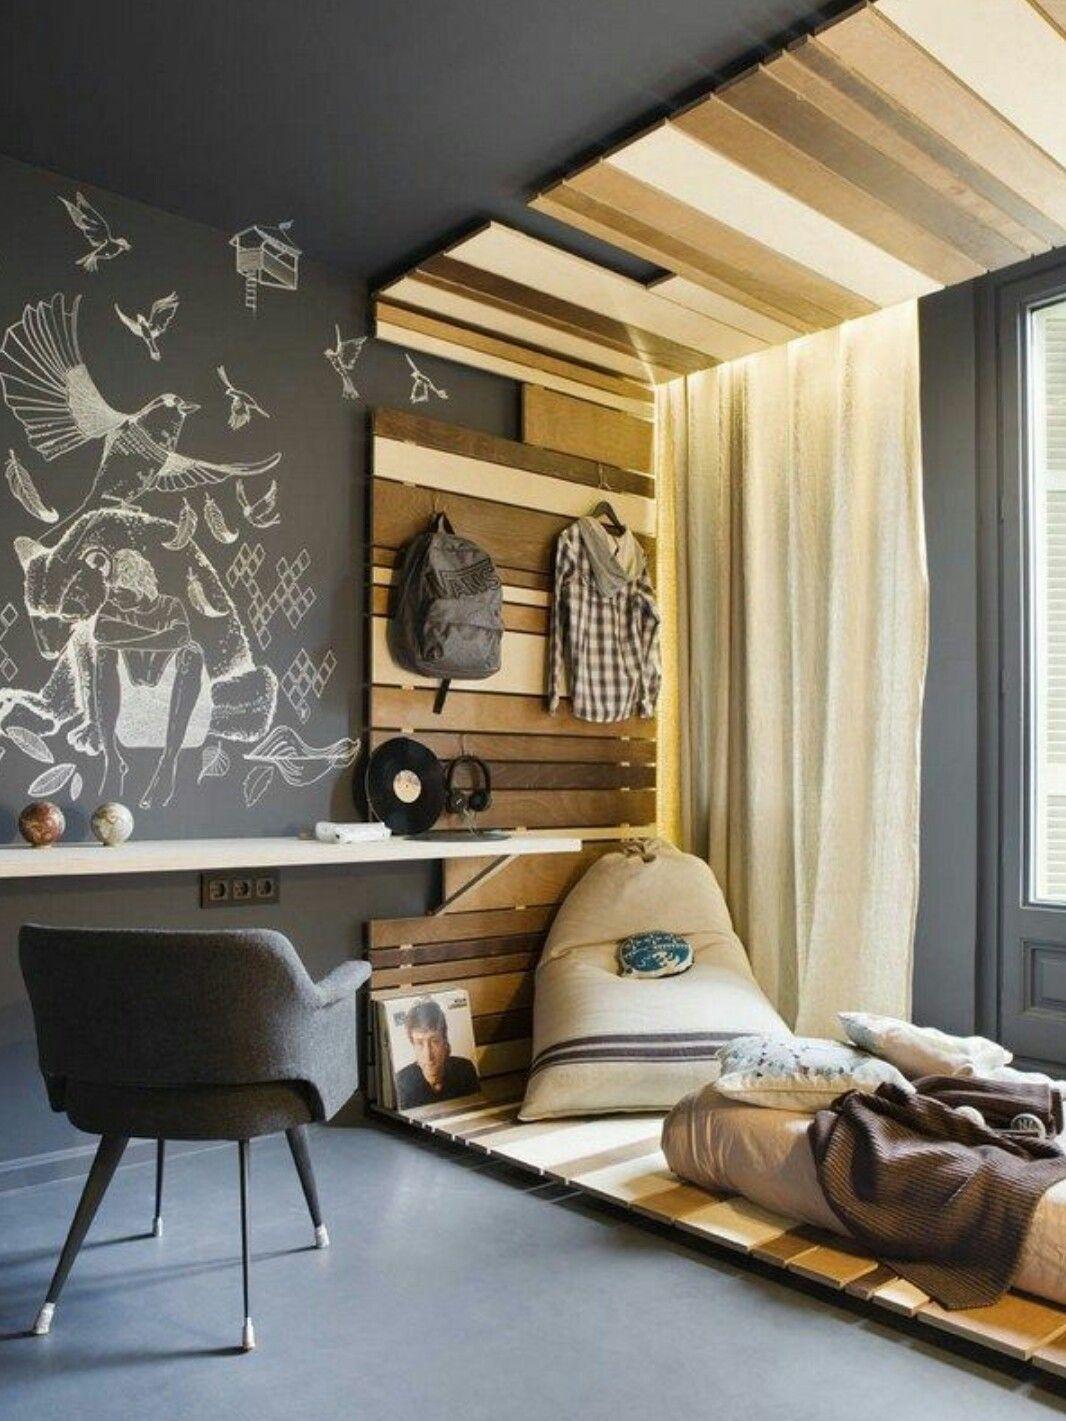 Elegant Jugendzimmer Mit Tafelfarbe: Schwarze Tafelfarbe An Der Wand In Kombination  Mit Holzbalken